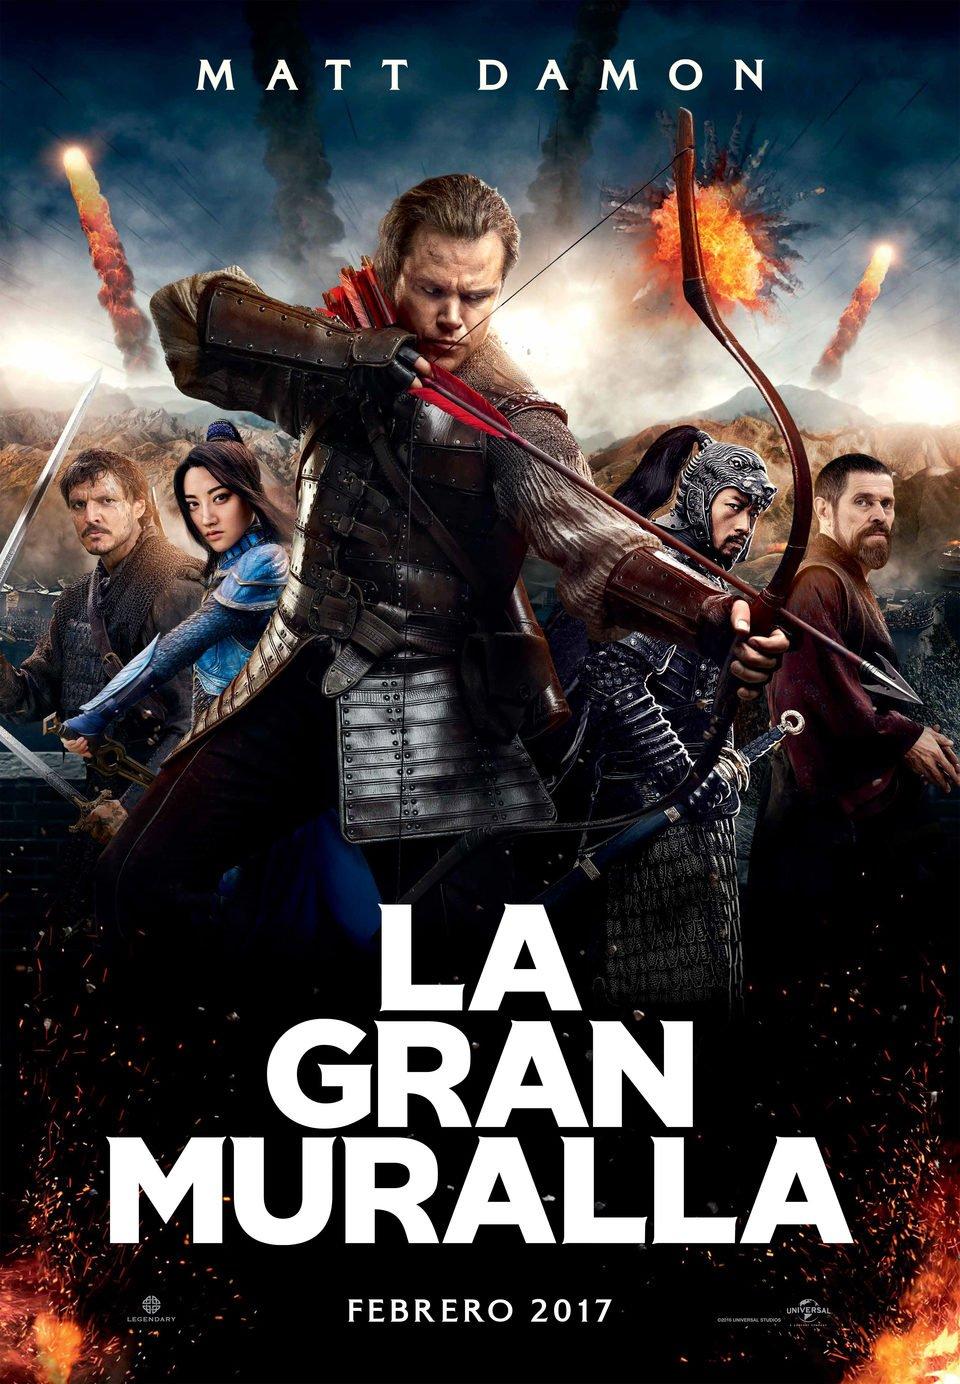 Cartel España ·#2 de 'La gran muralla'